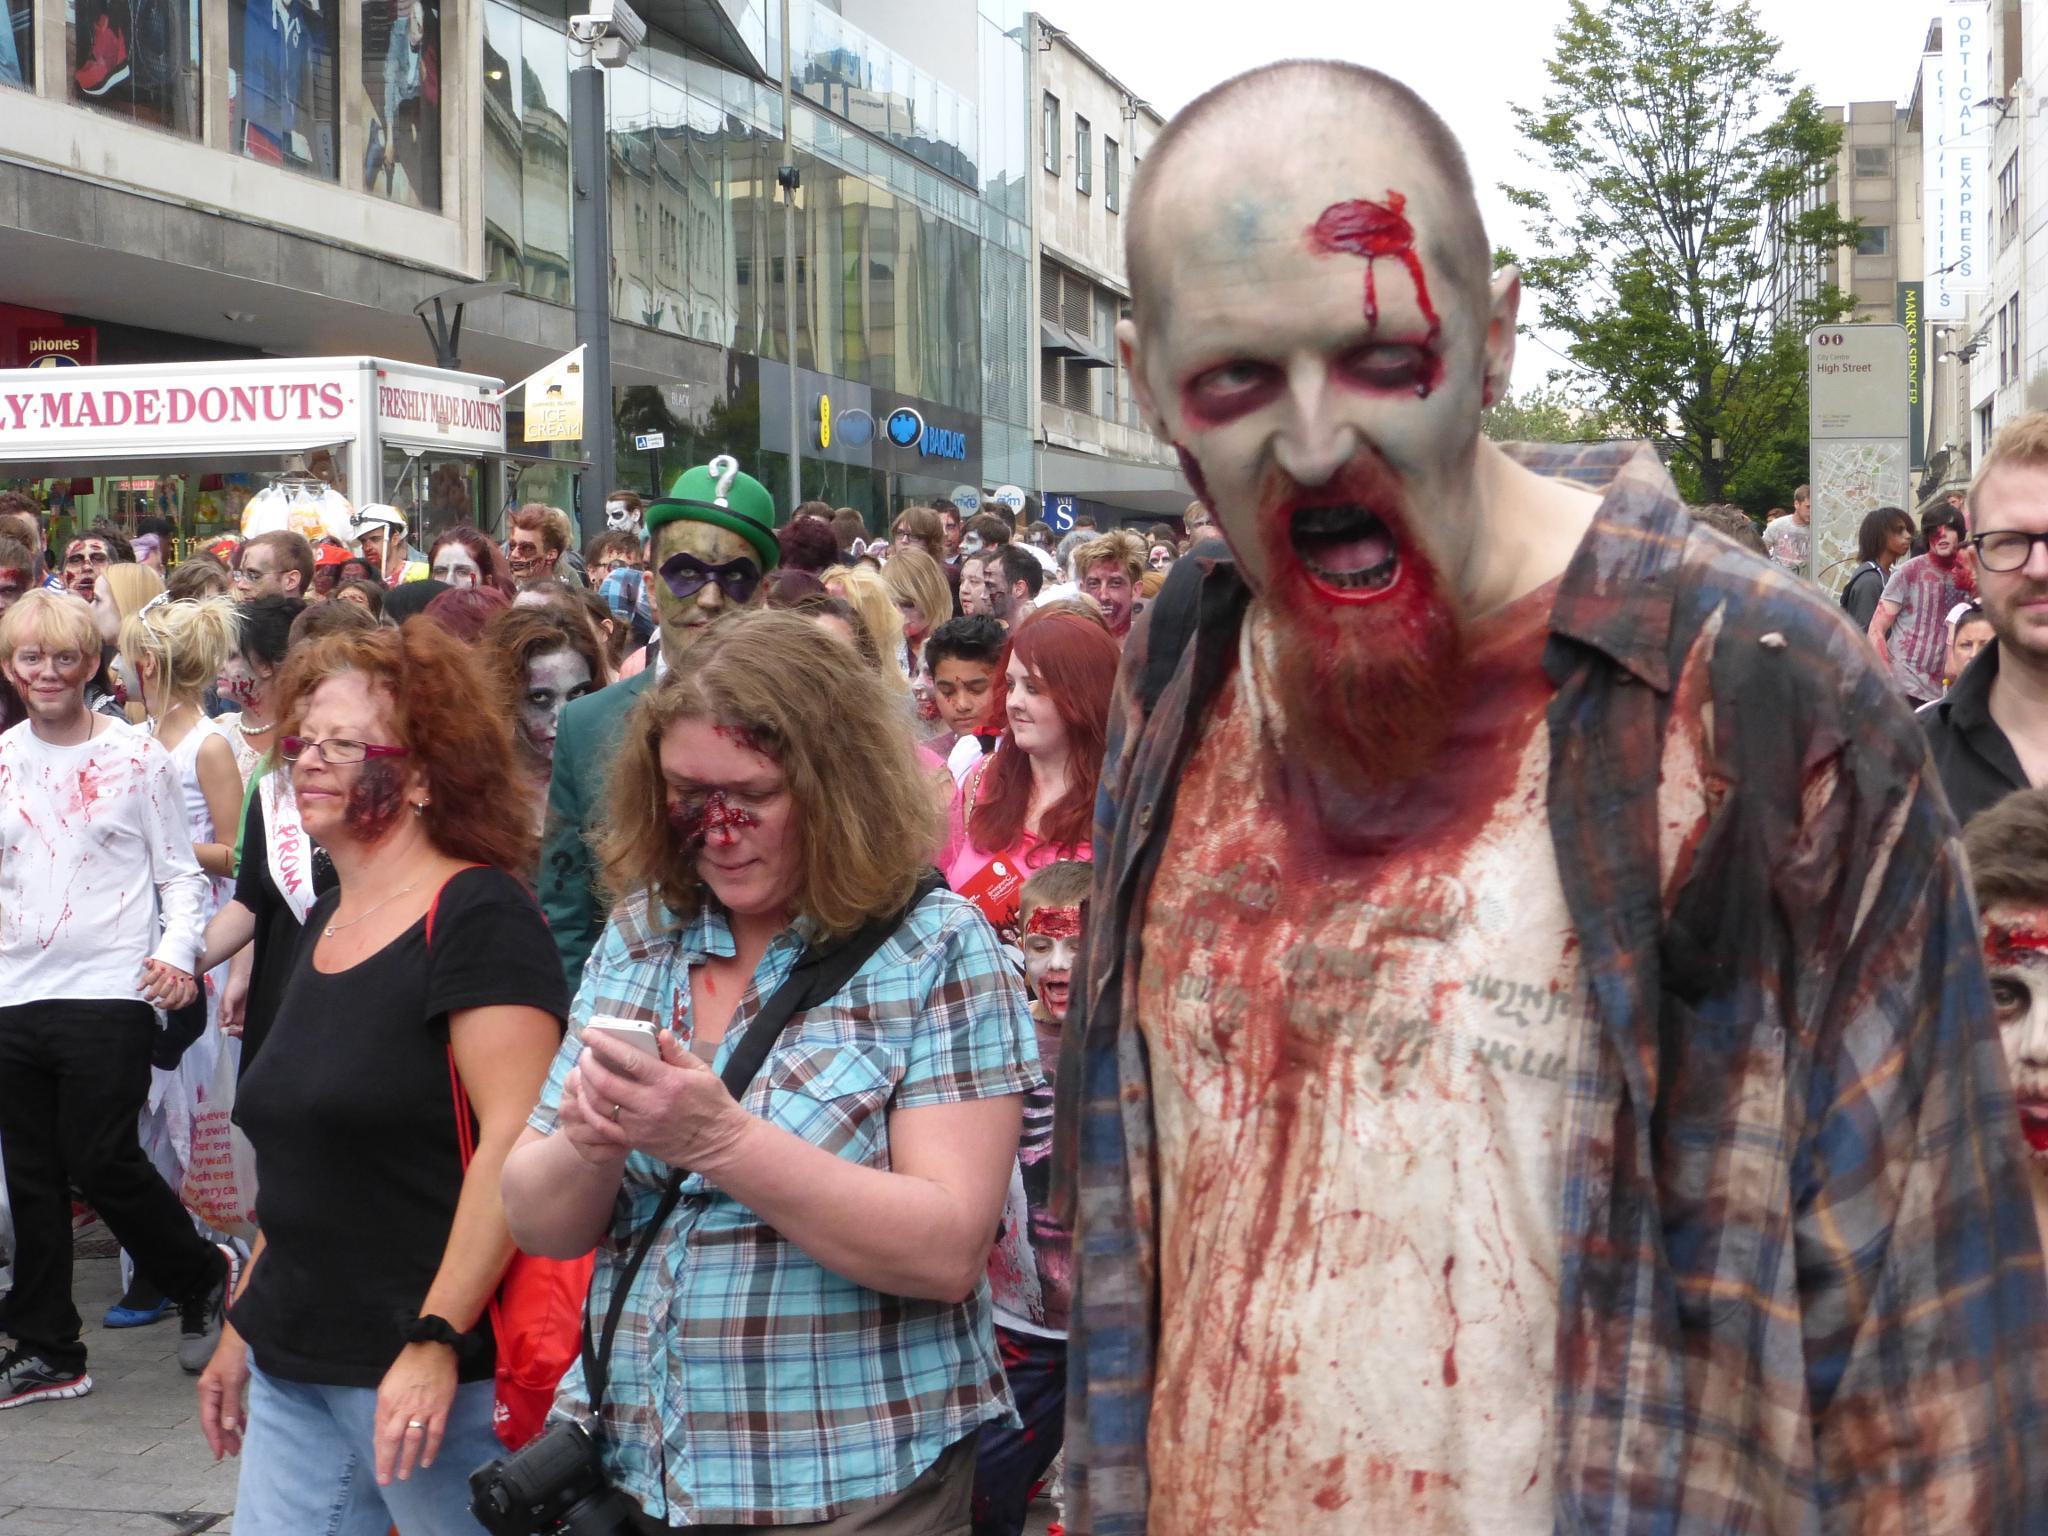 Zombies in Birmingham by john.coates.792